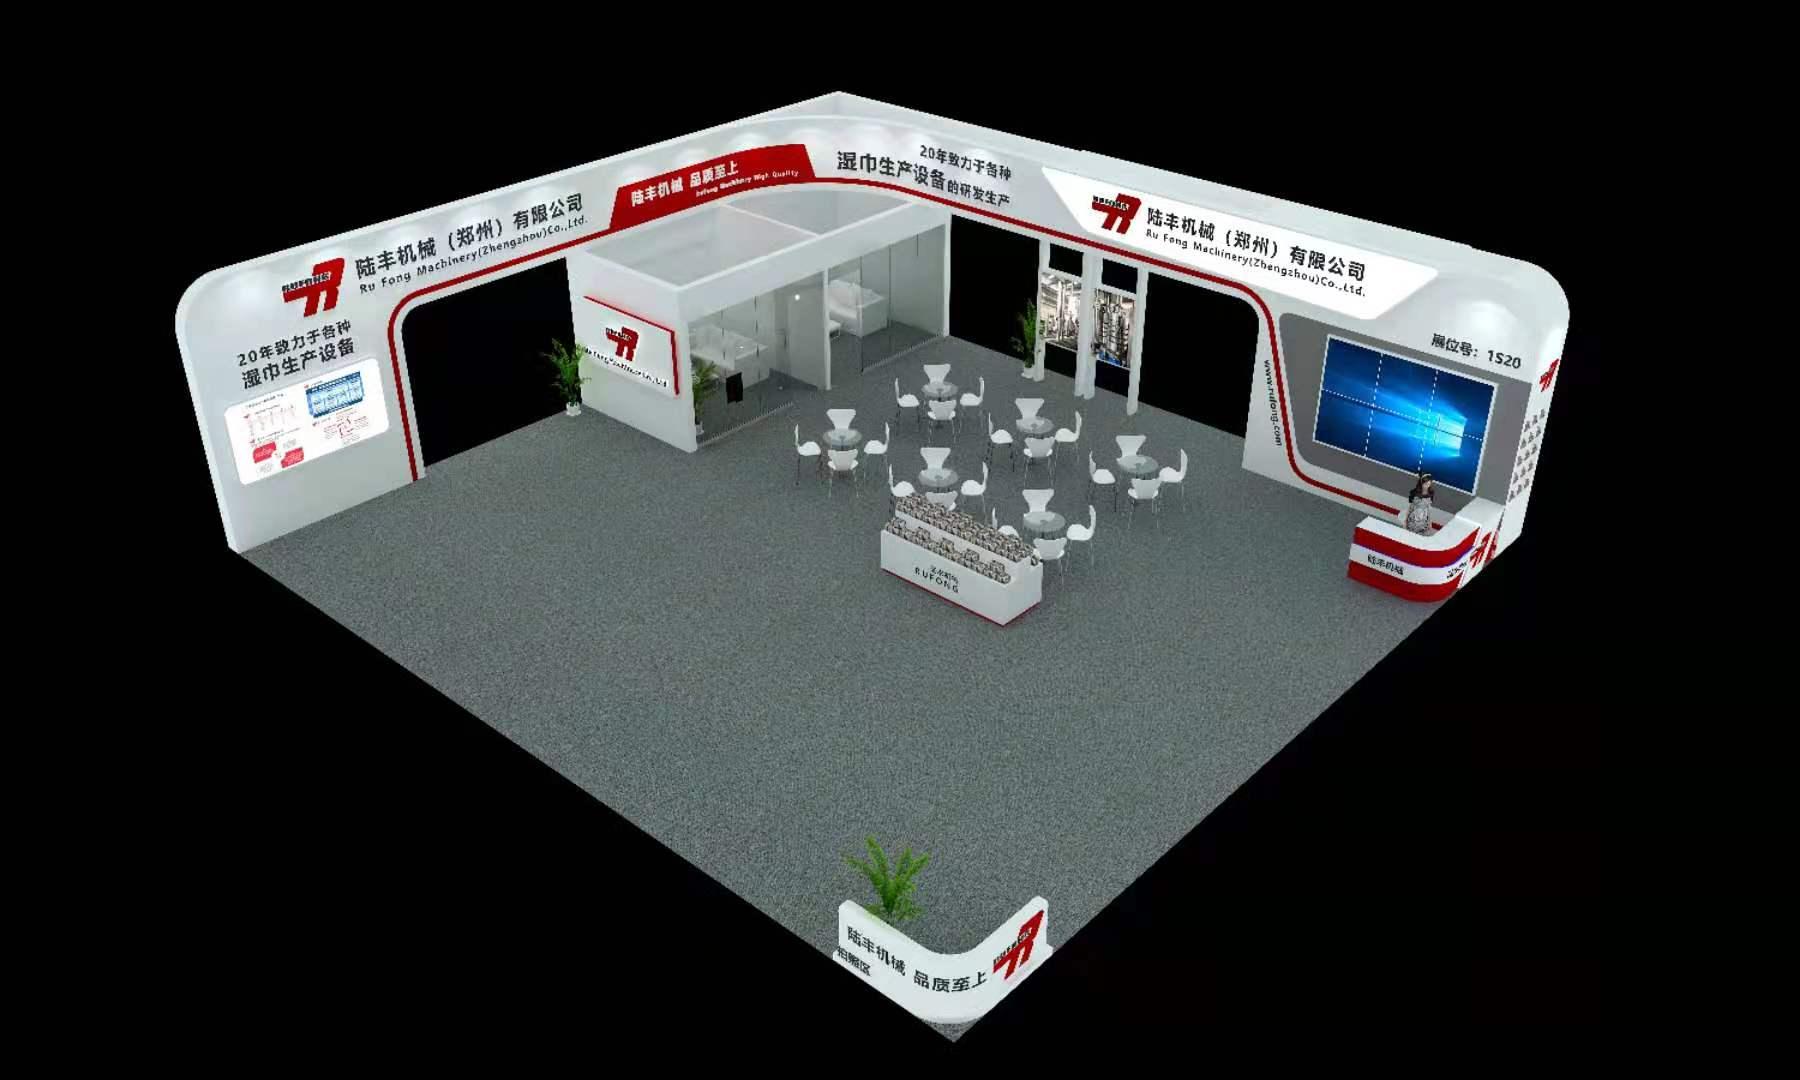 第十九屆上海國際非織造材料展覽會